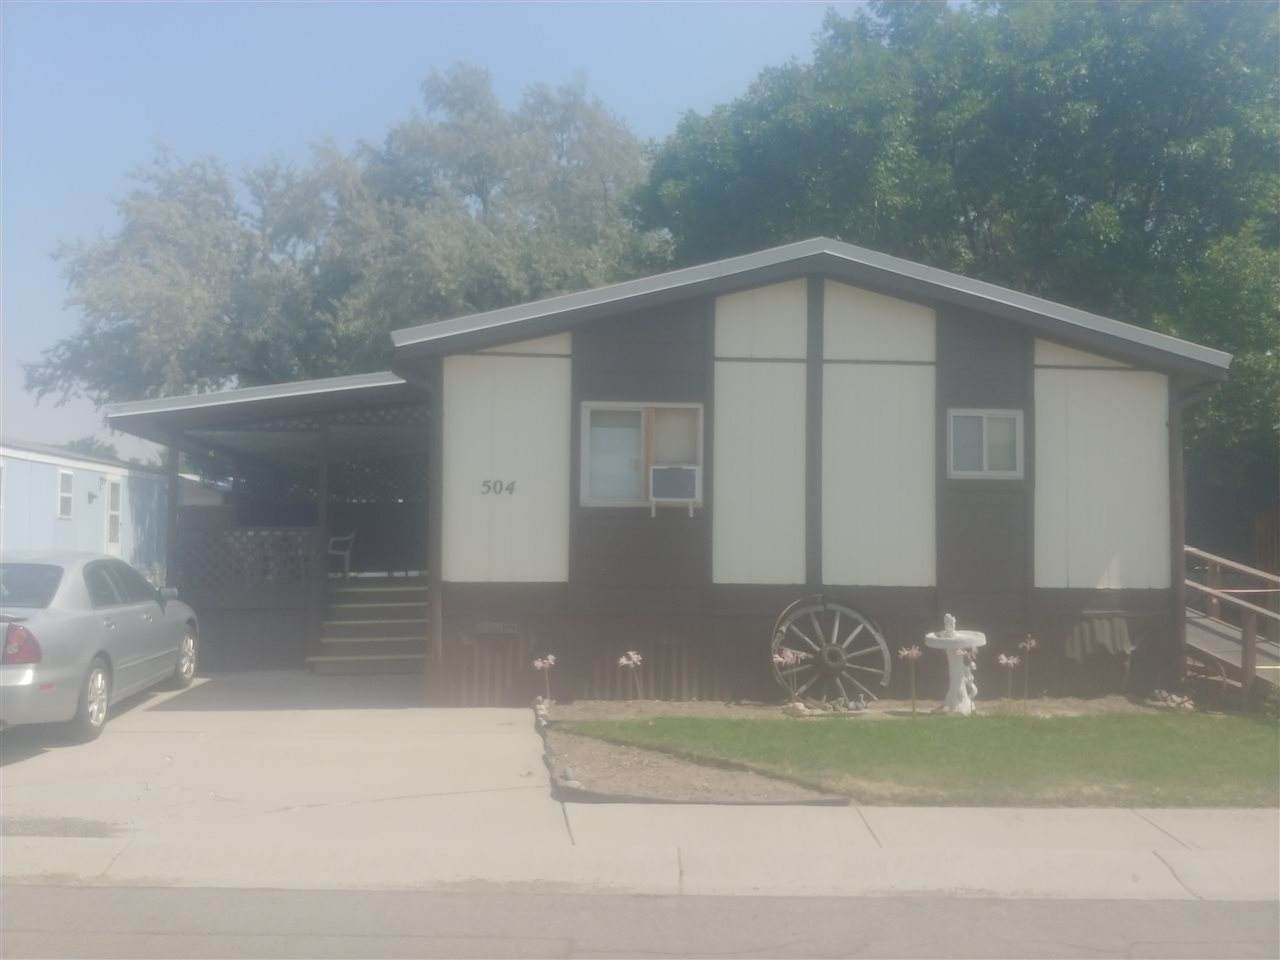 1730 Quinn Rd. Trlr 504 - Photo 1